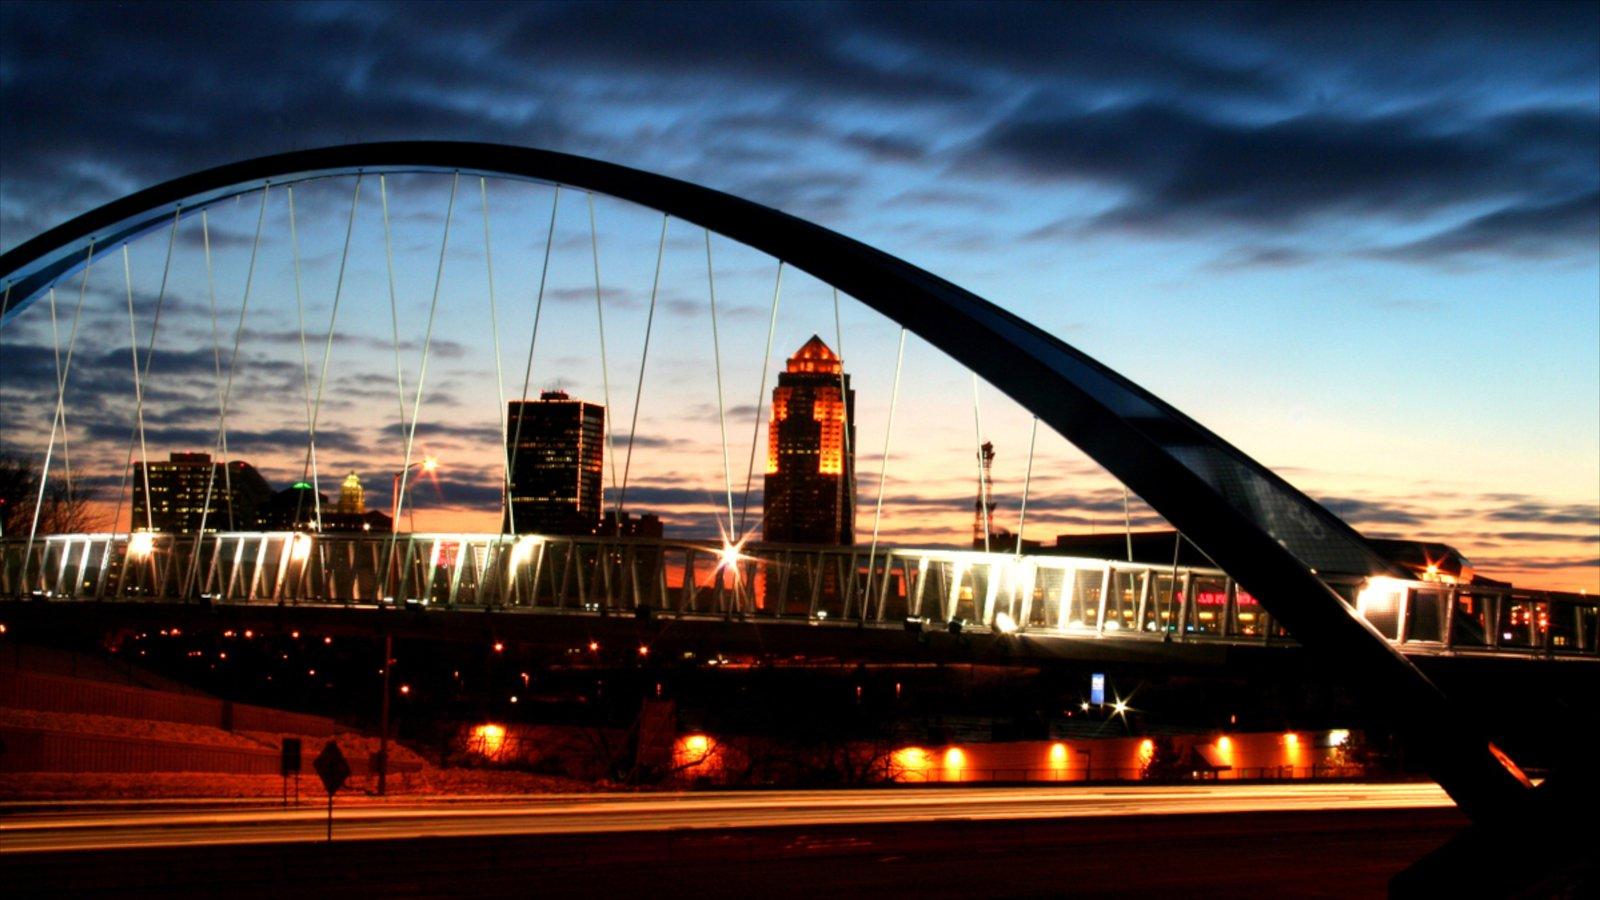 Des Moines caracterizando uma ponte suspensa ou passarela entre as árvores, linha do horizonte e um pôr do sol